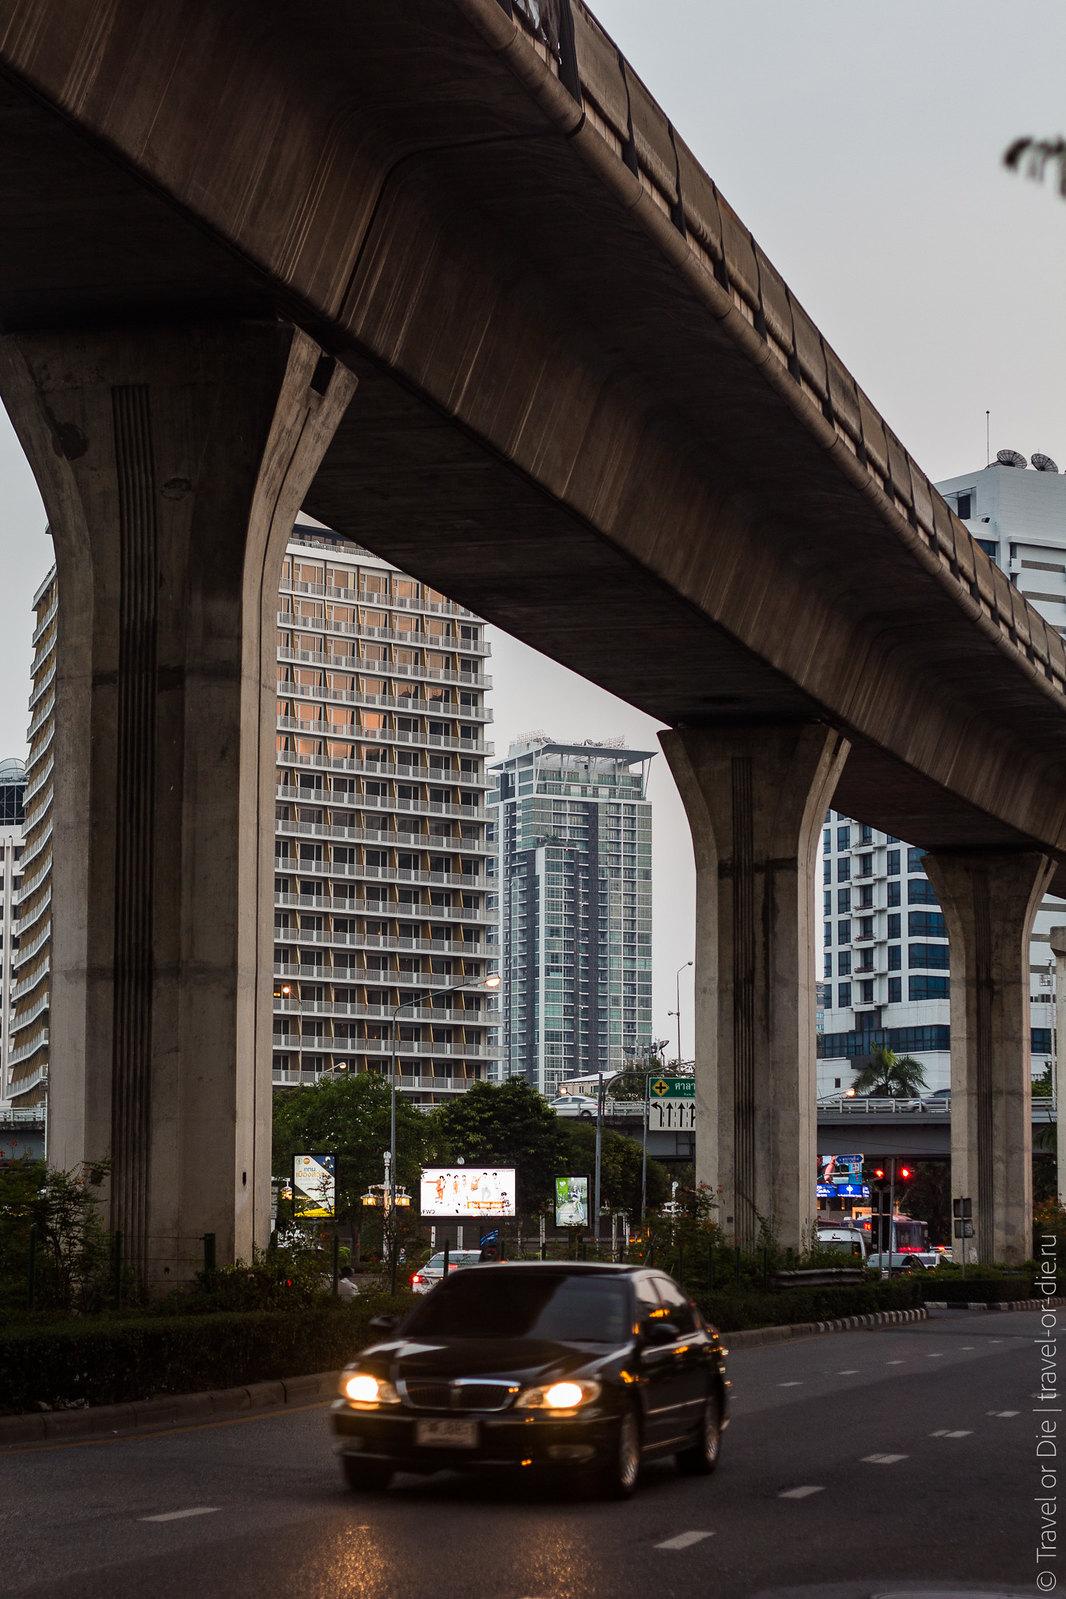 люмпини-парк-lumpini-park-bangkok-9461